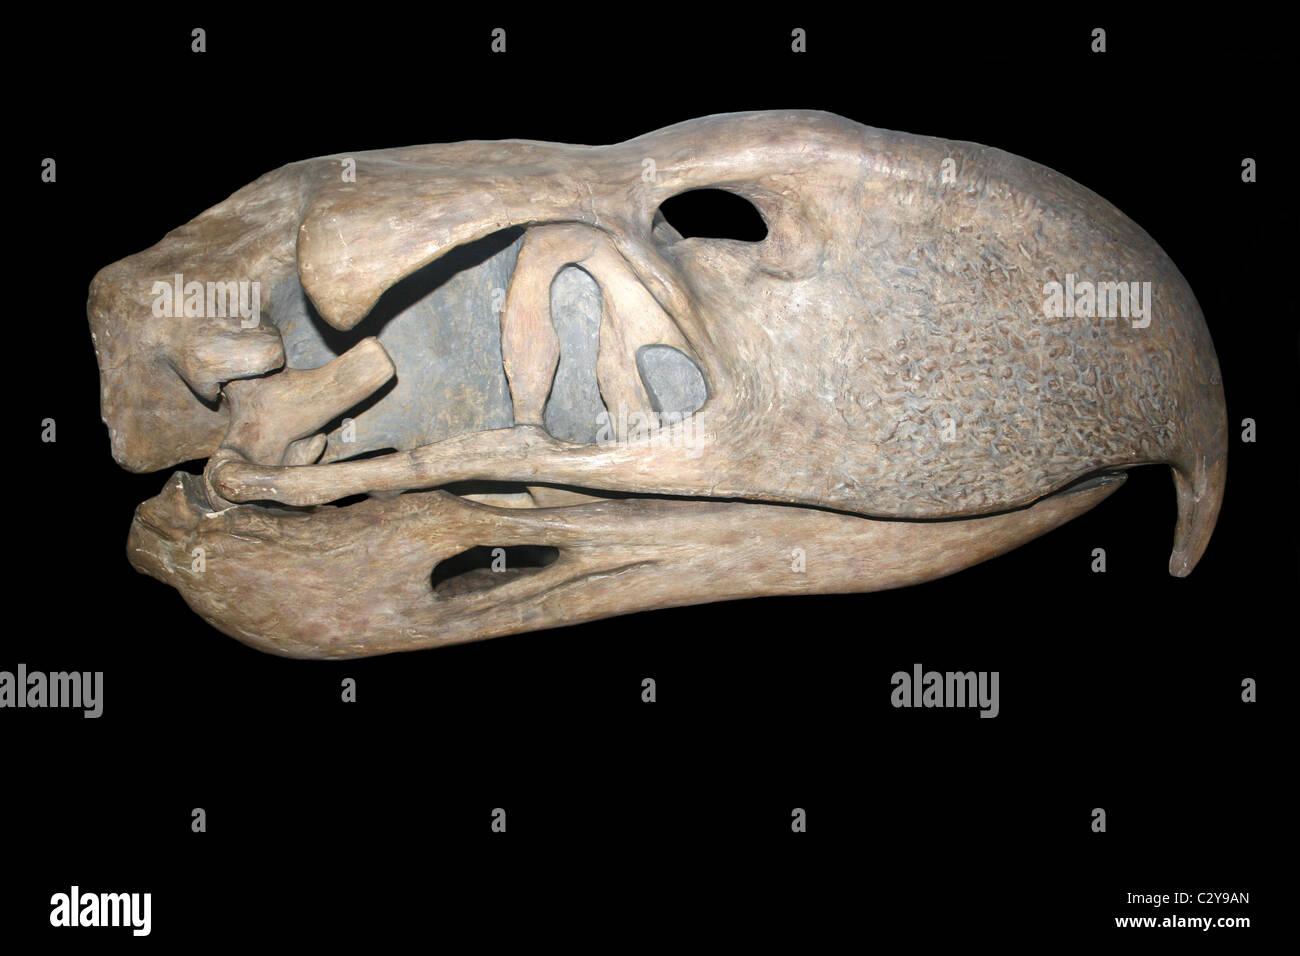 Cast de Phorusrhacos crâne - une espèce d'oiseaux de la terreur qui vivait en Patagonie Banque D'Images